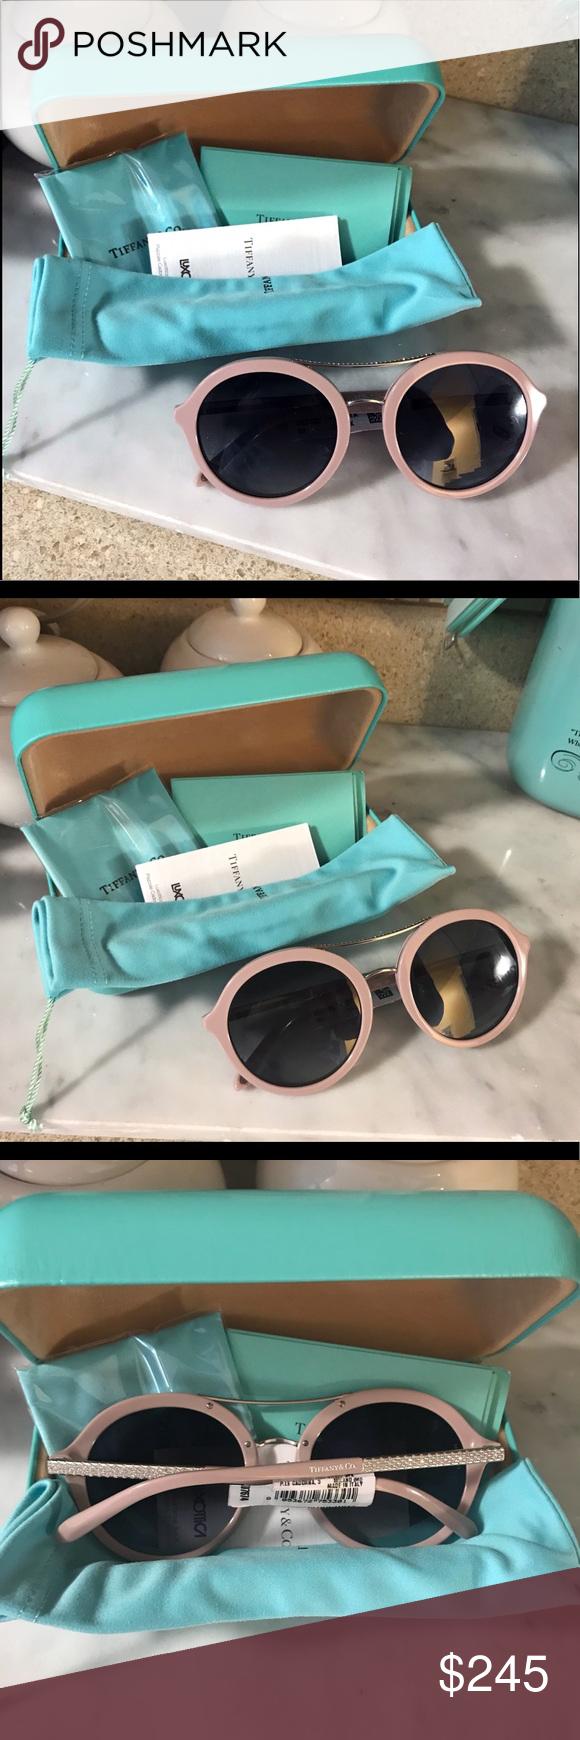 206c016591a5 Auth. Tiffany   Co.  399 New TF 4136 Sunglasses Authentic Tiffany ...